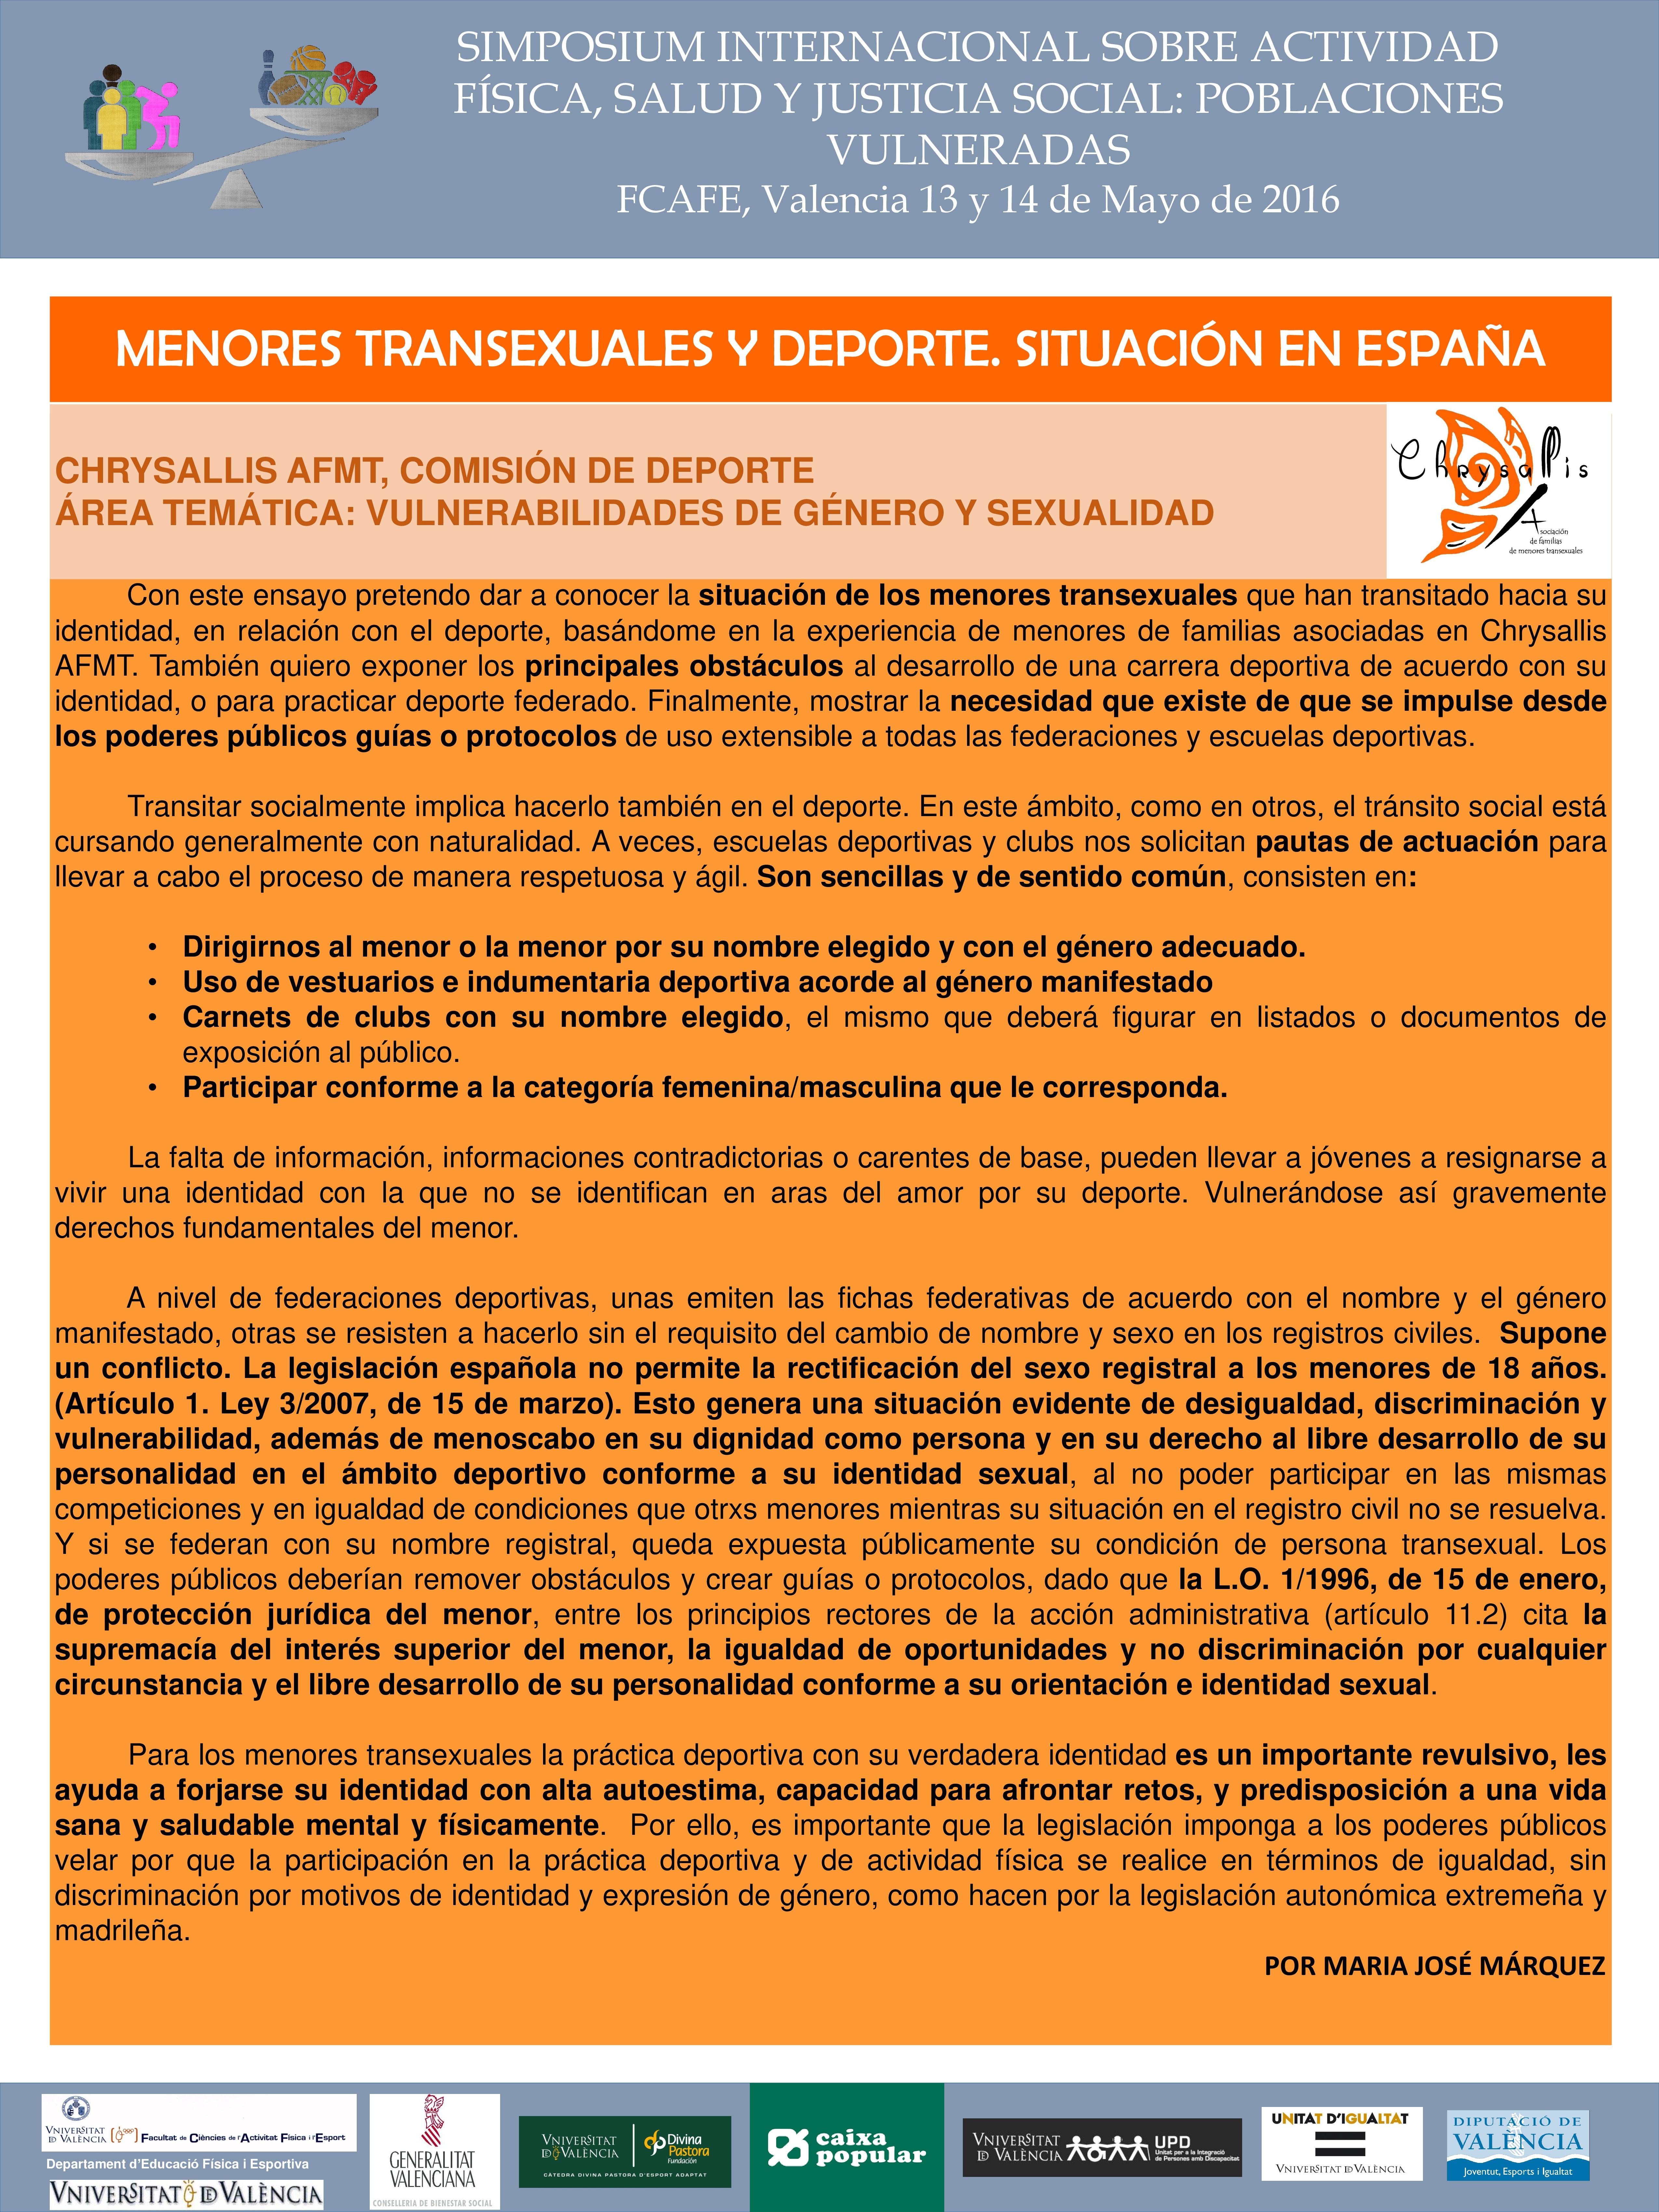 Modelo_Poster_Simposium_Poblaciones_Vulneradas (1)-001